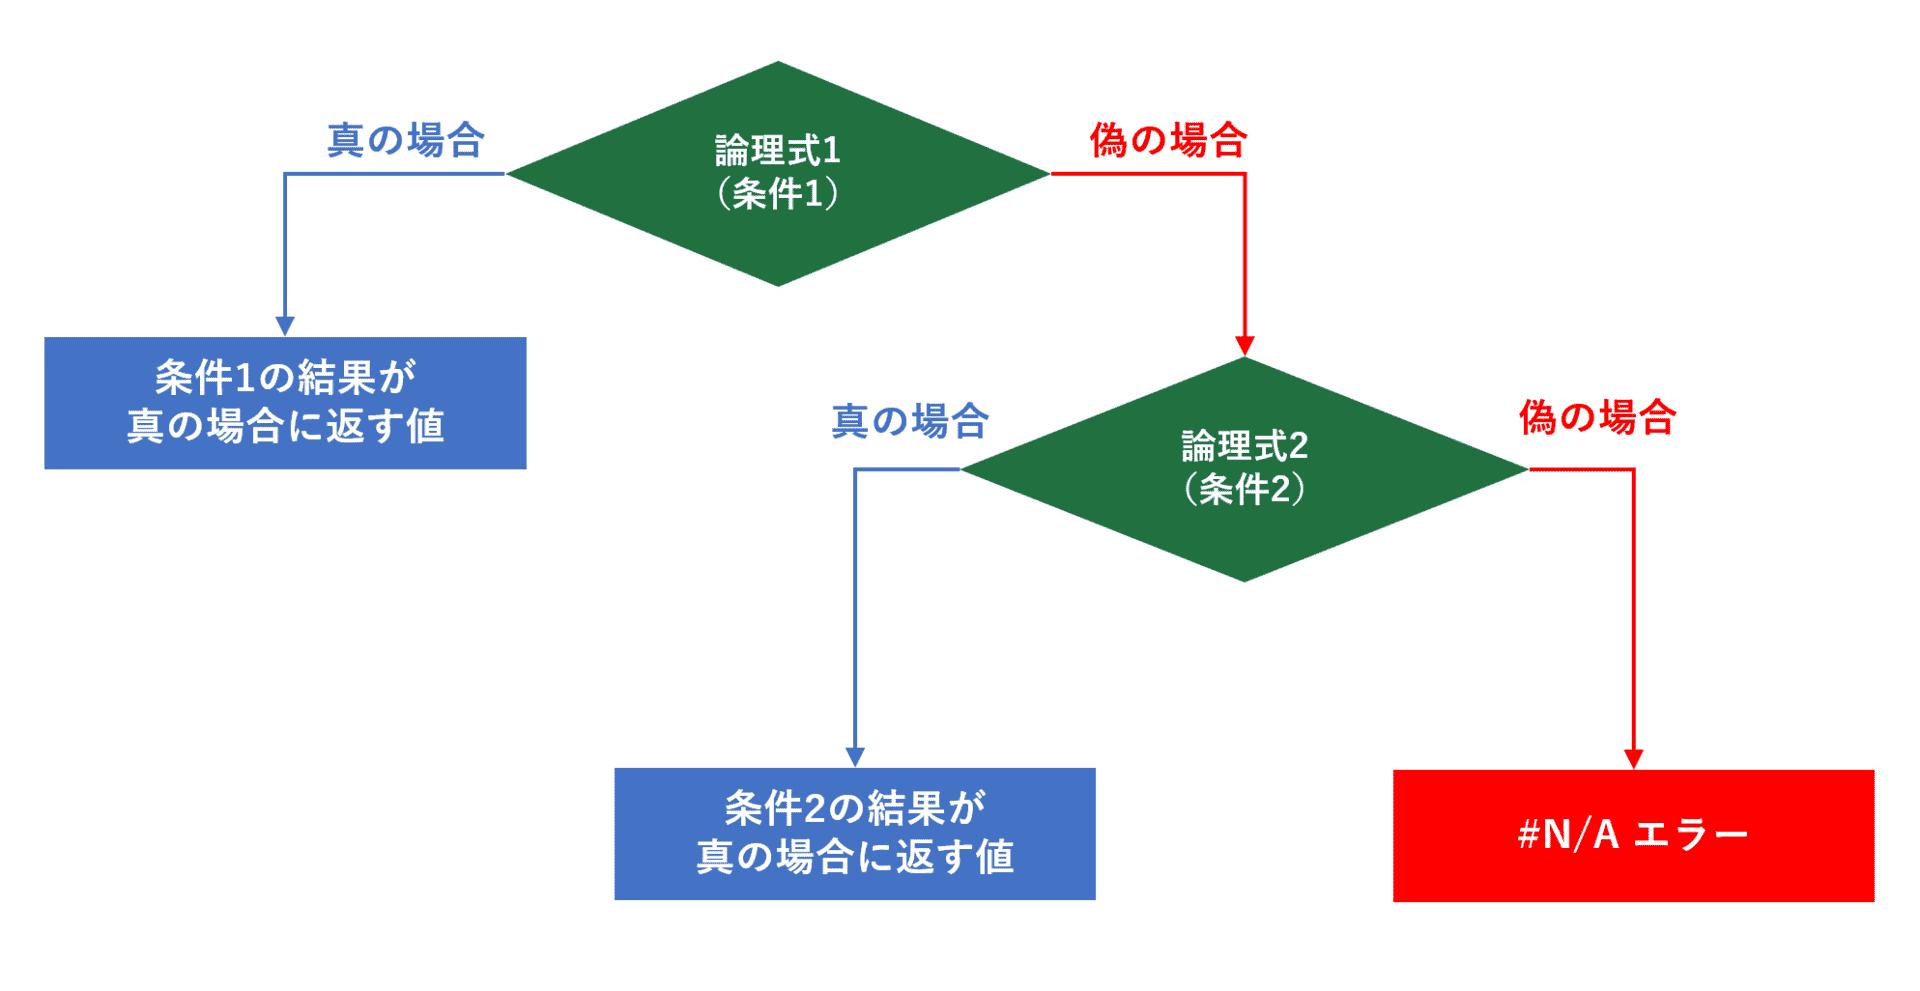 IFS関数の条件分岐